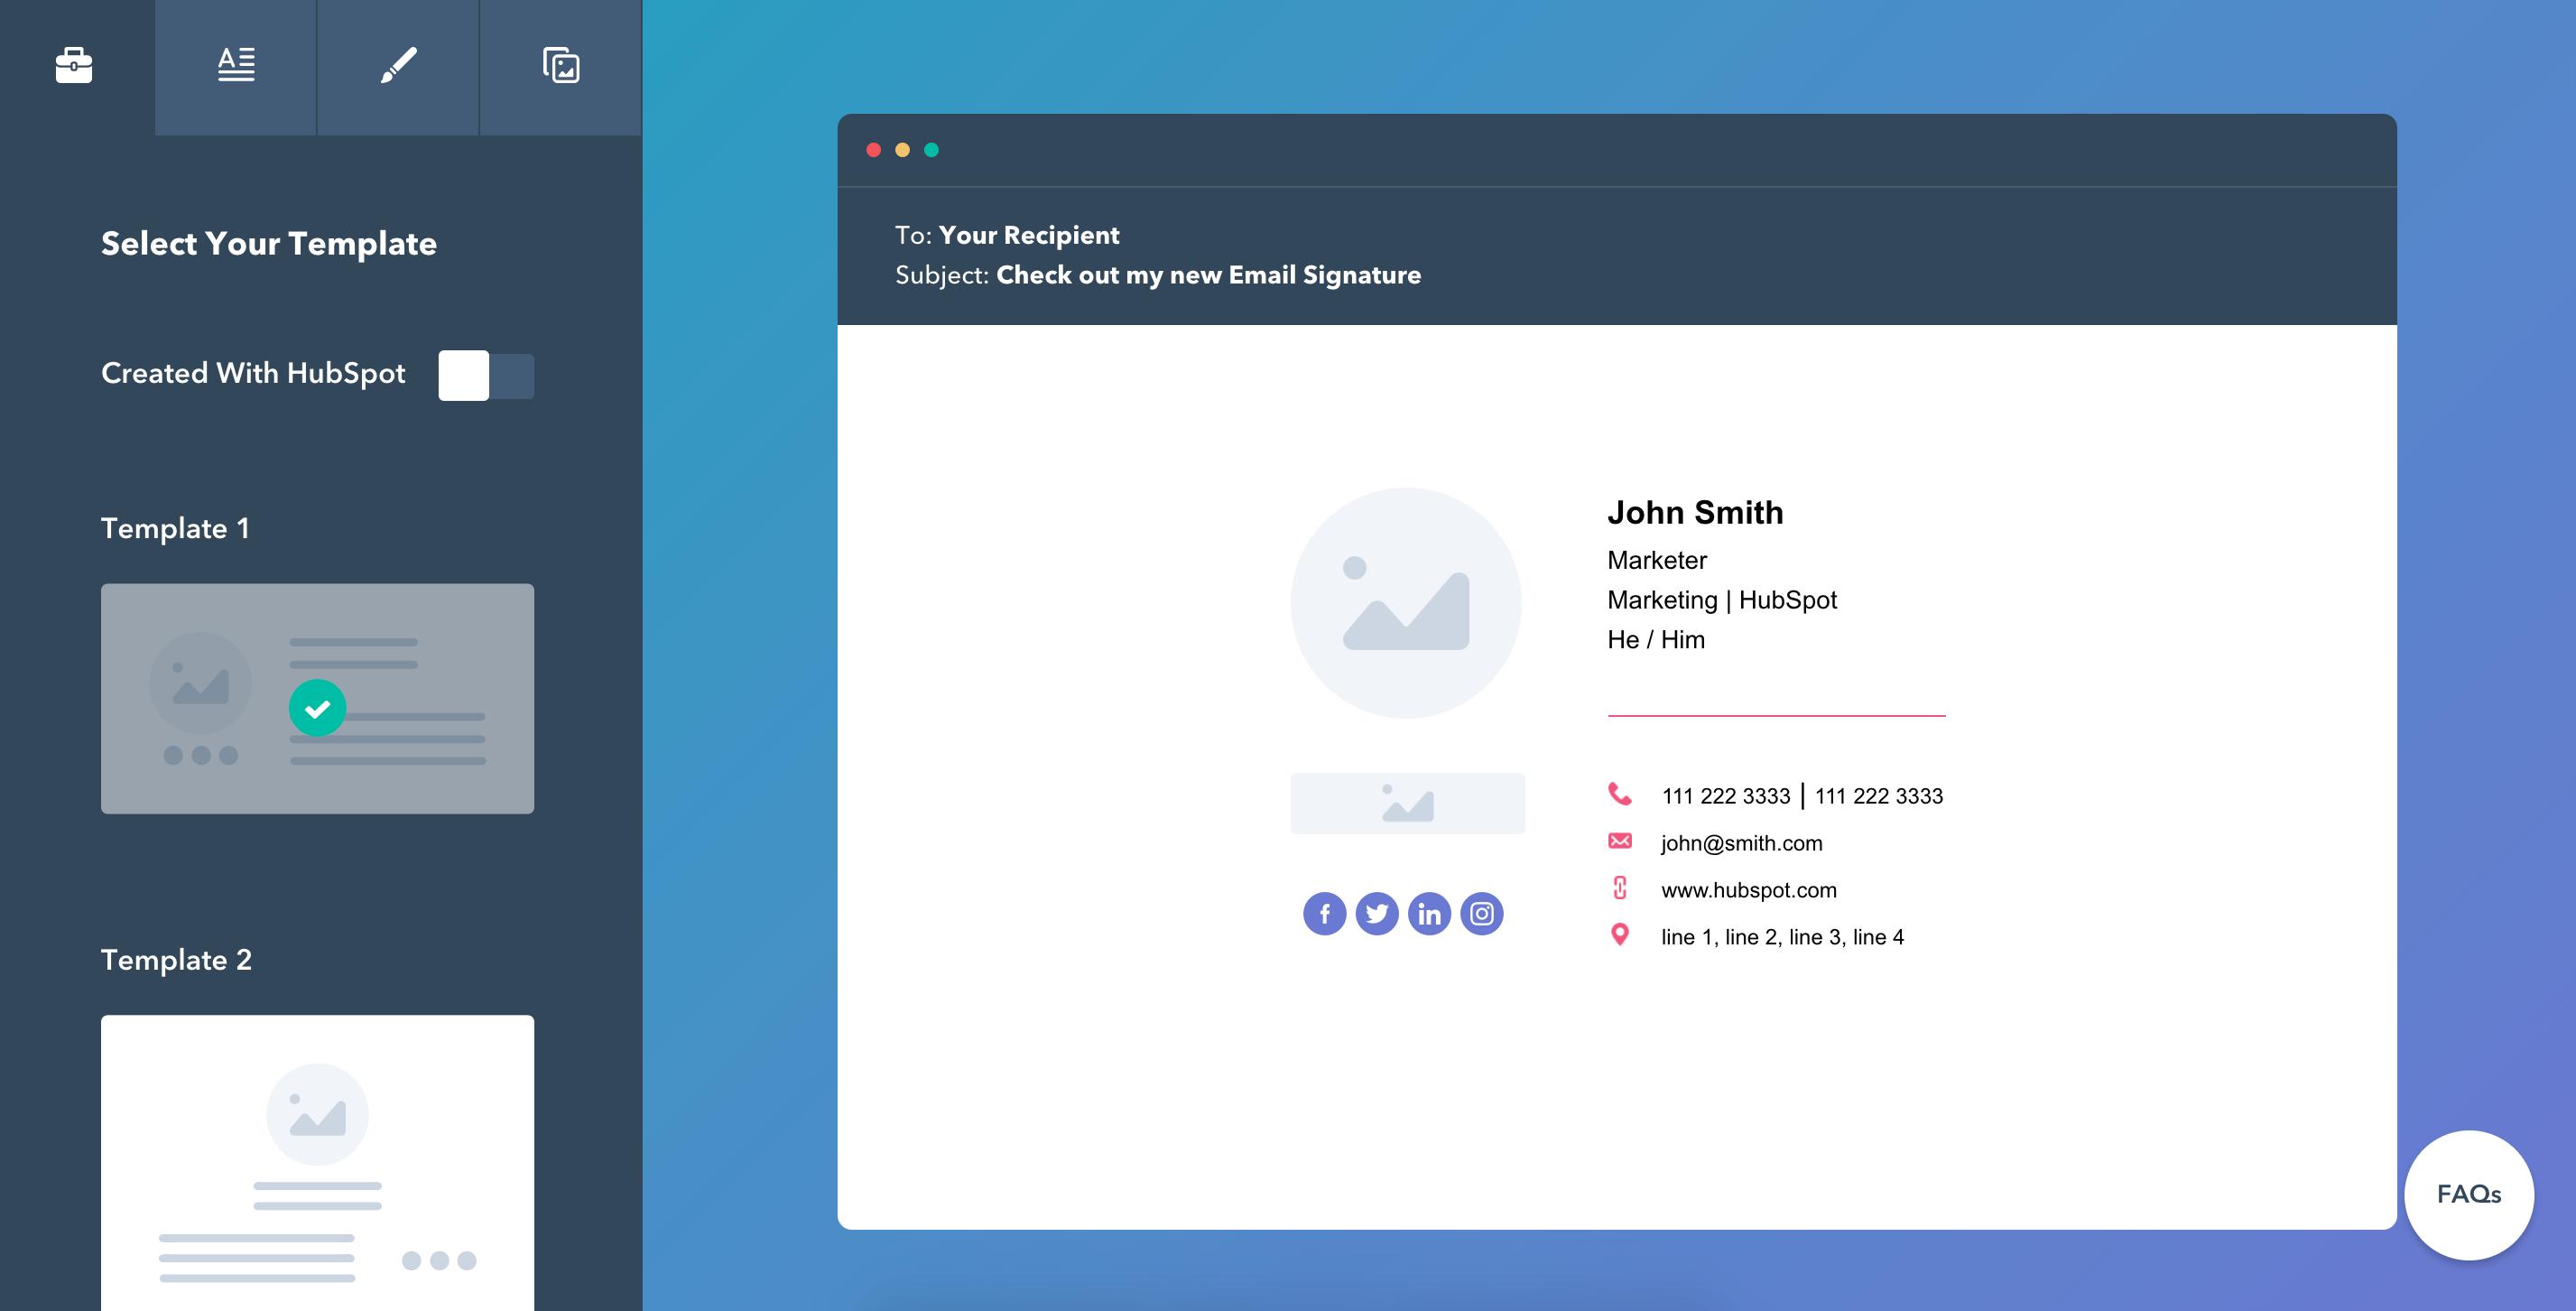 Email Signature Design Tools - HubSpot